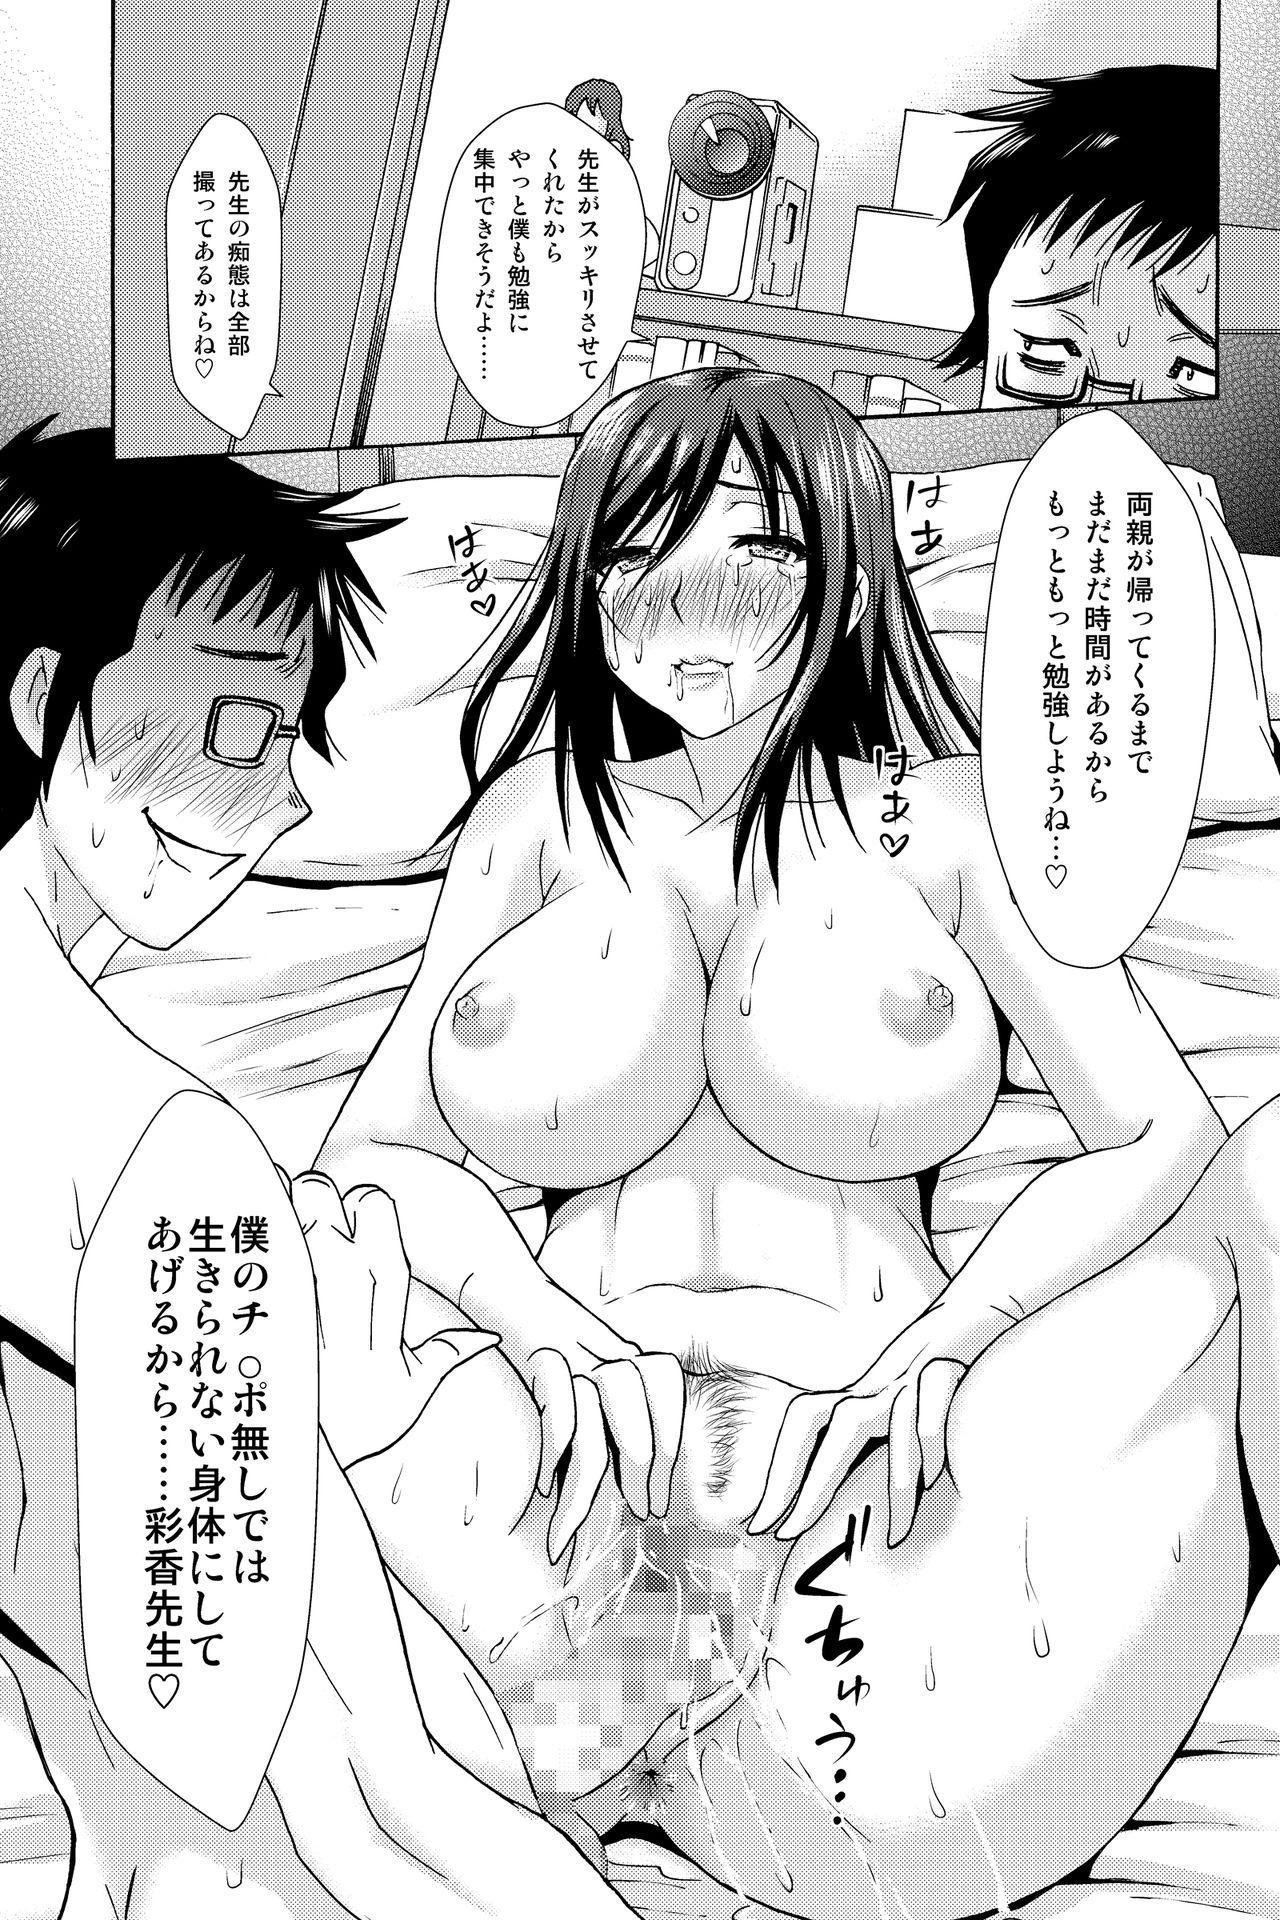 Katei Kyoushi Ayaka Sensei no Karada ga Iyarashi sugita node Kankin Shimashita 24